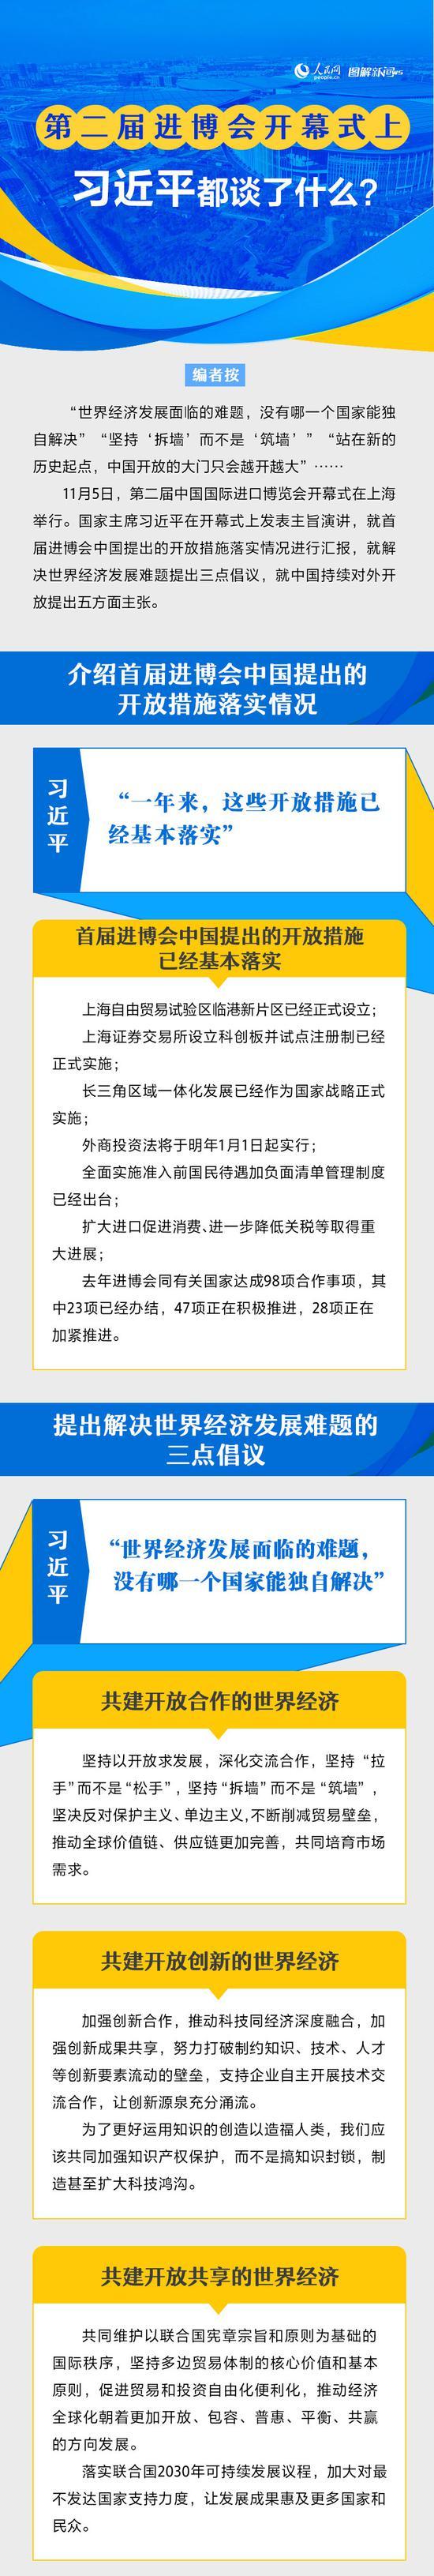 天齐800820net 郑永年:人类文明的生存和进步离不开交流互鉴